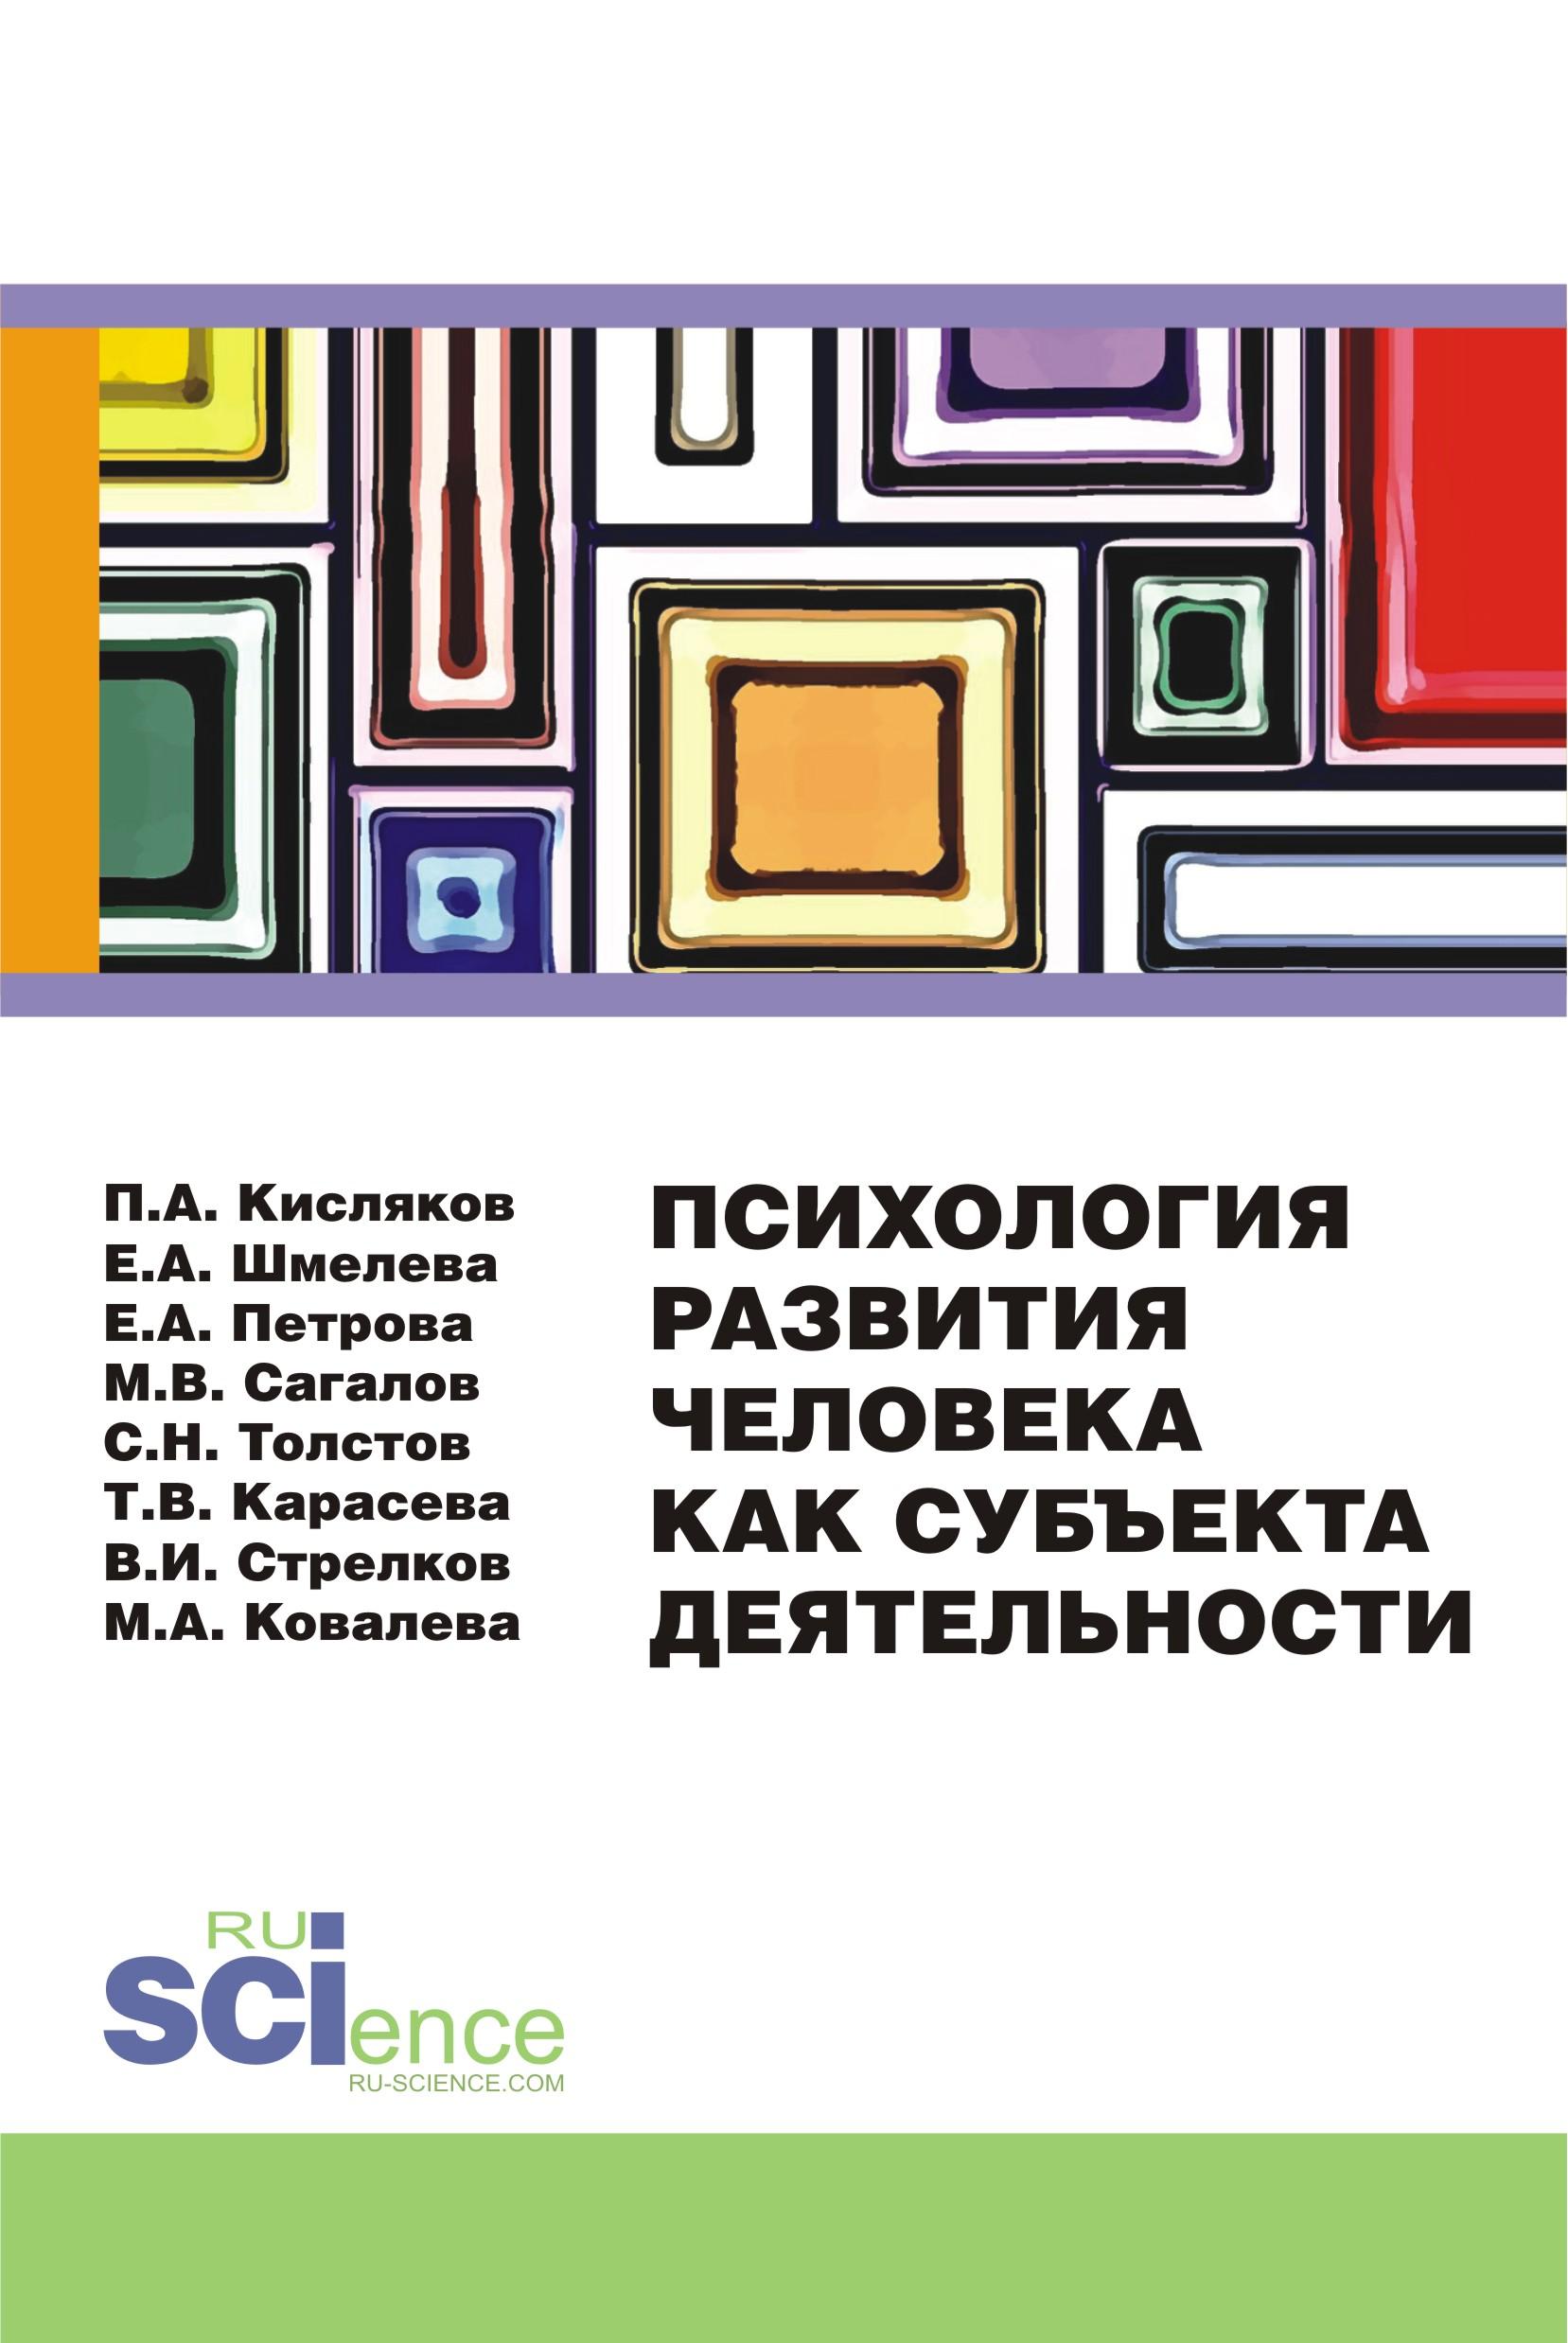 Психология развития человека как субъекта деятельности